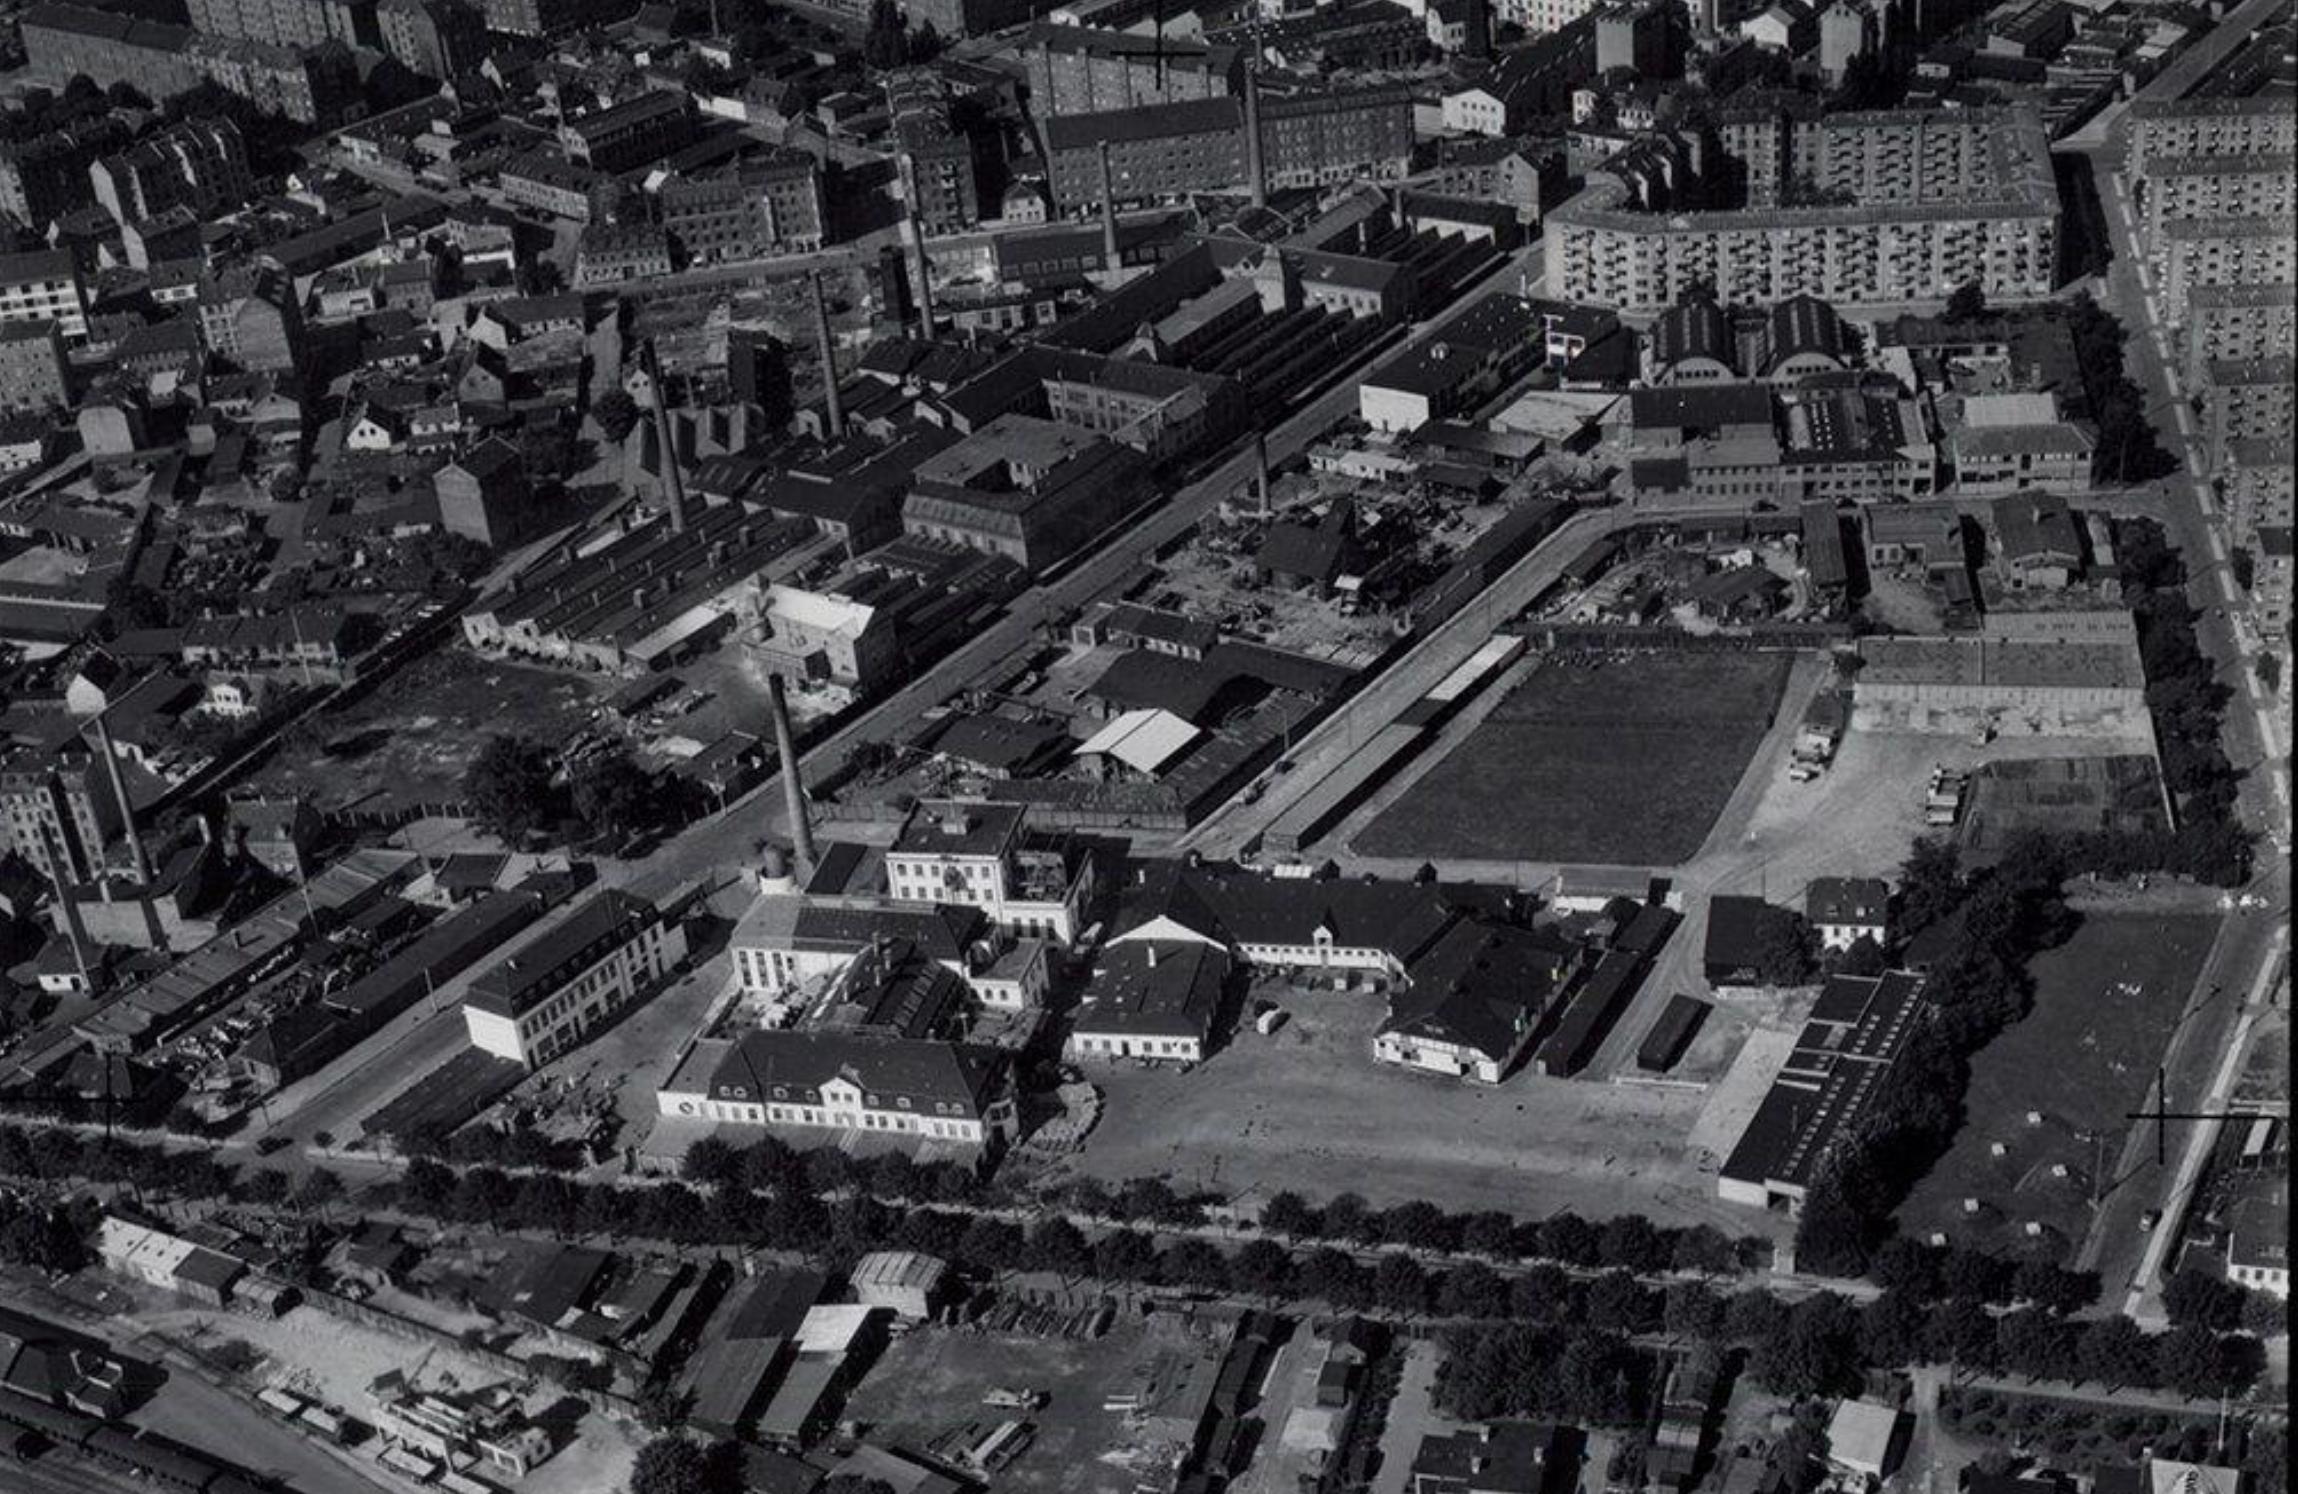 et industriområde ved Lygten fotograferet i sort-hvid fra luften 1949